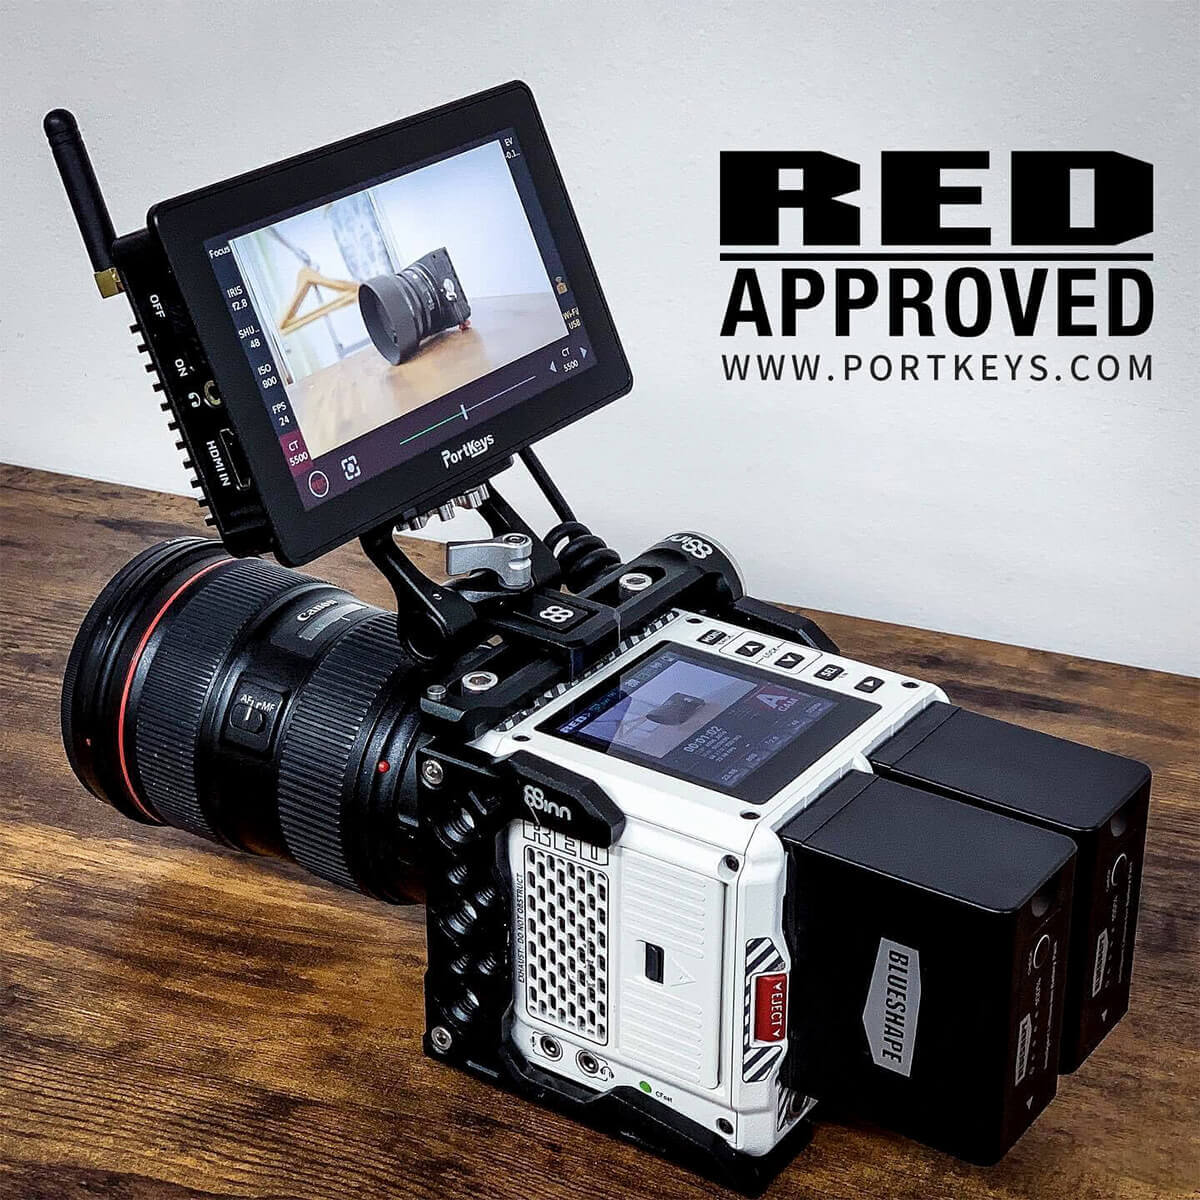 Portkeys 5.5吋高亮度觸摸屏顯示器連攝錄機控制線